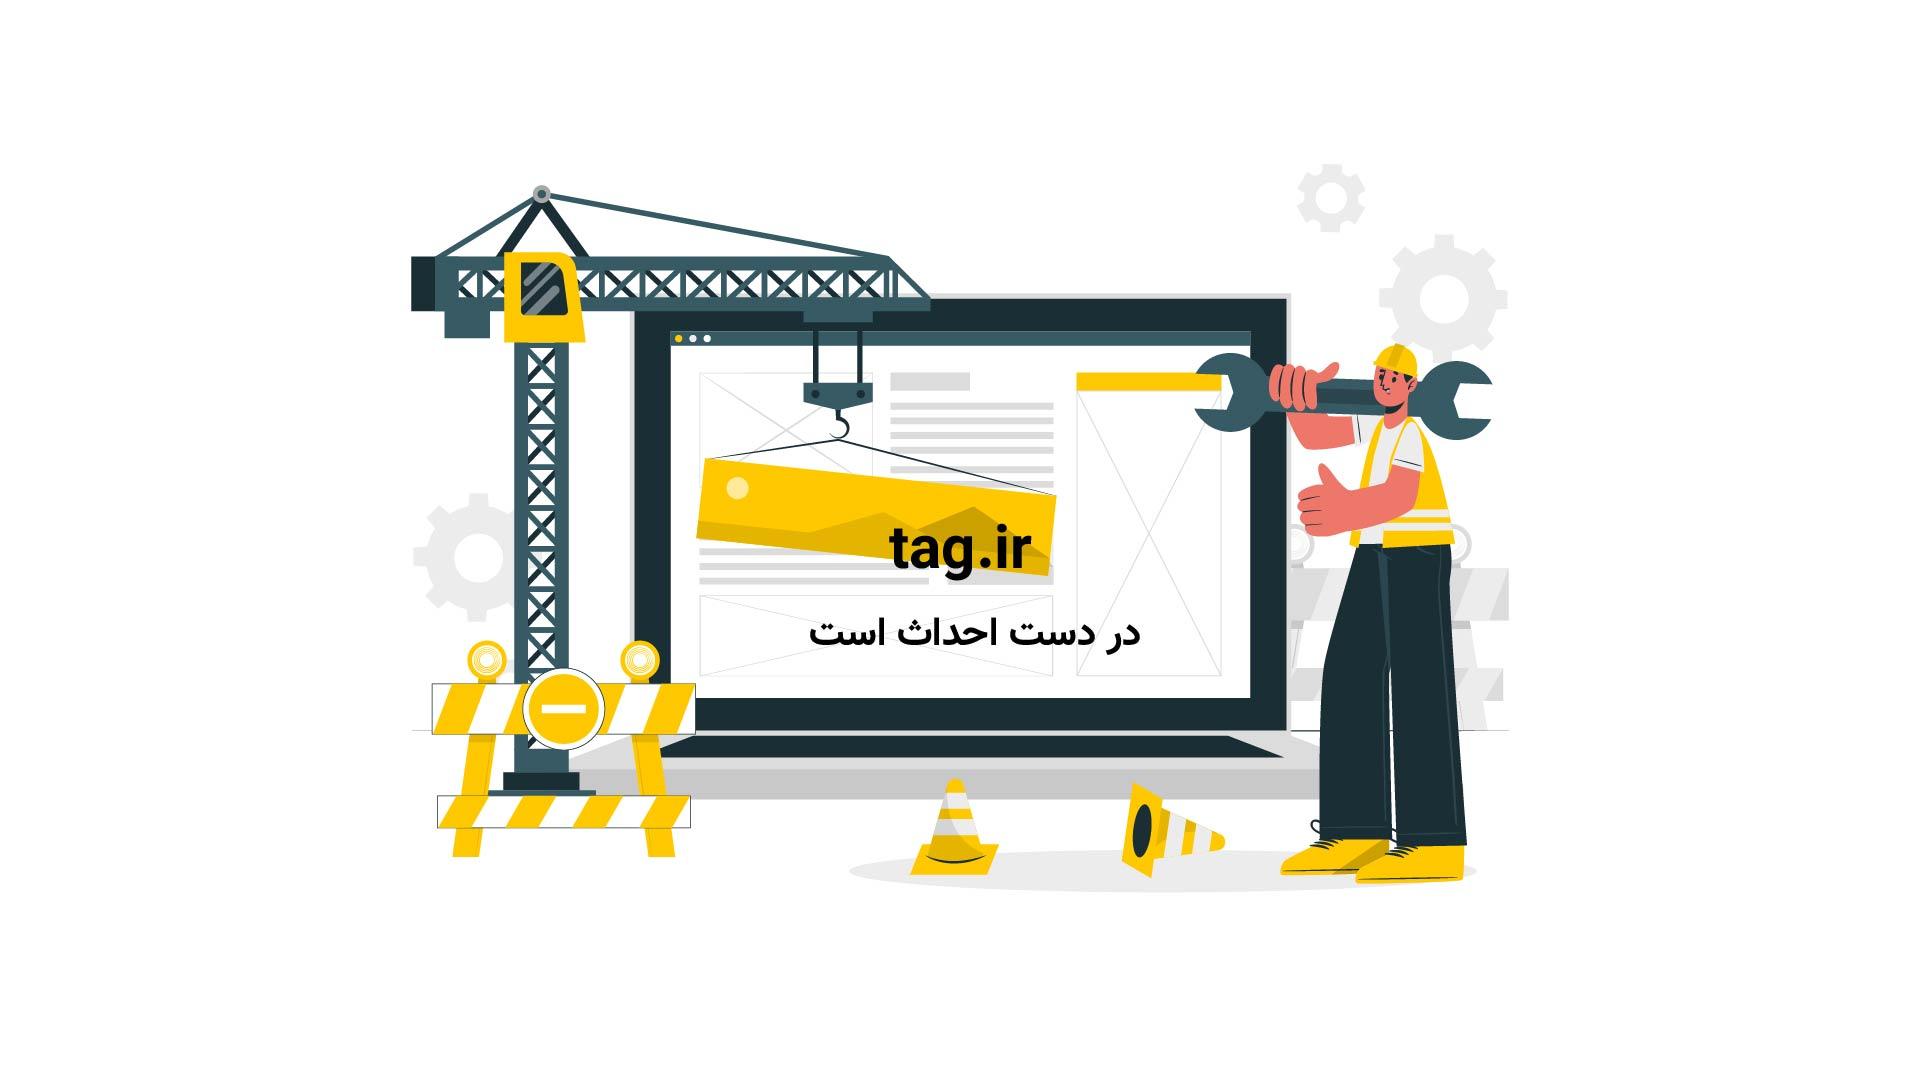 حمله روسیه به داعش | تگ